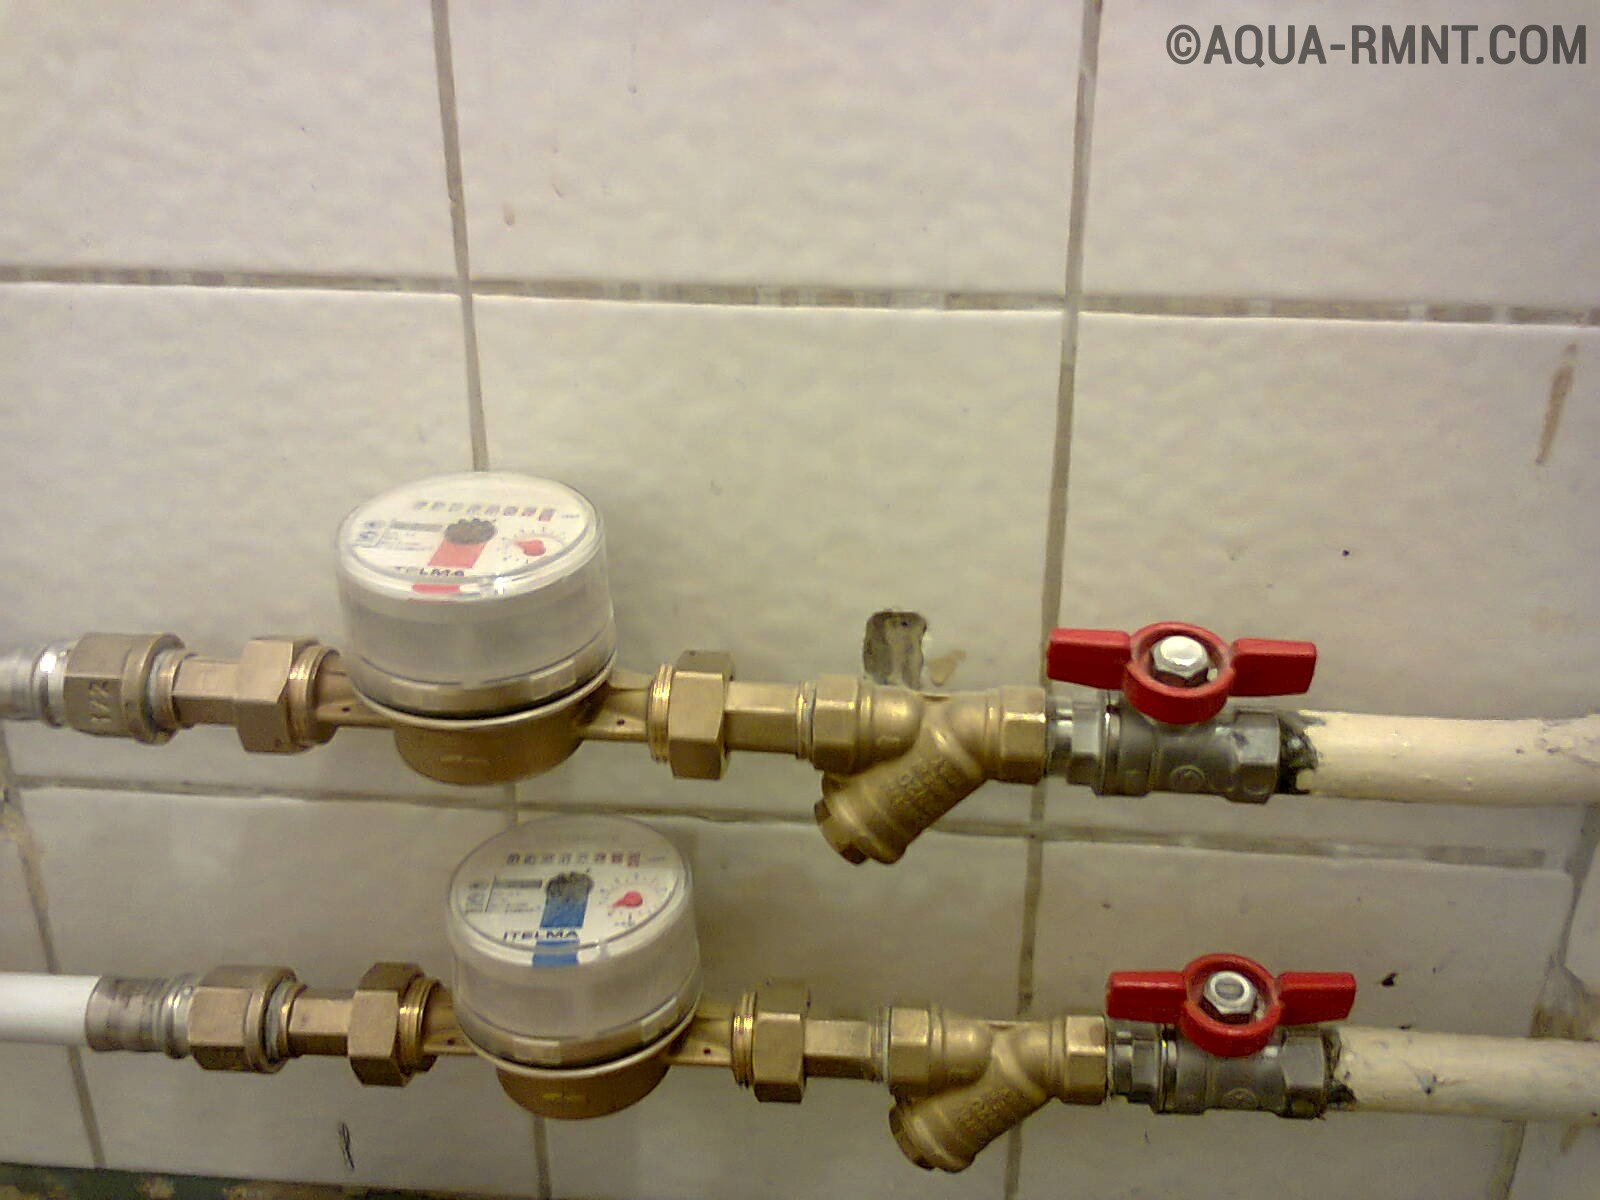 Крутится счётчик, когда соседи включают холодную воду